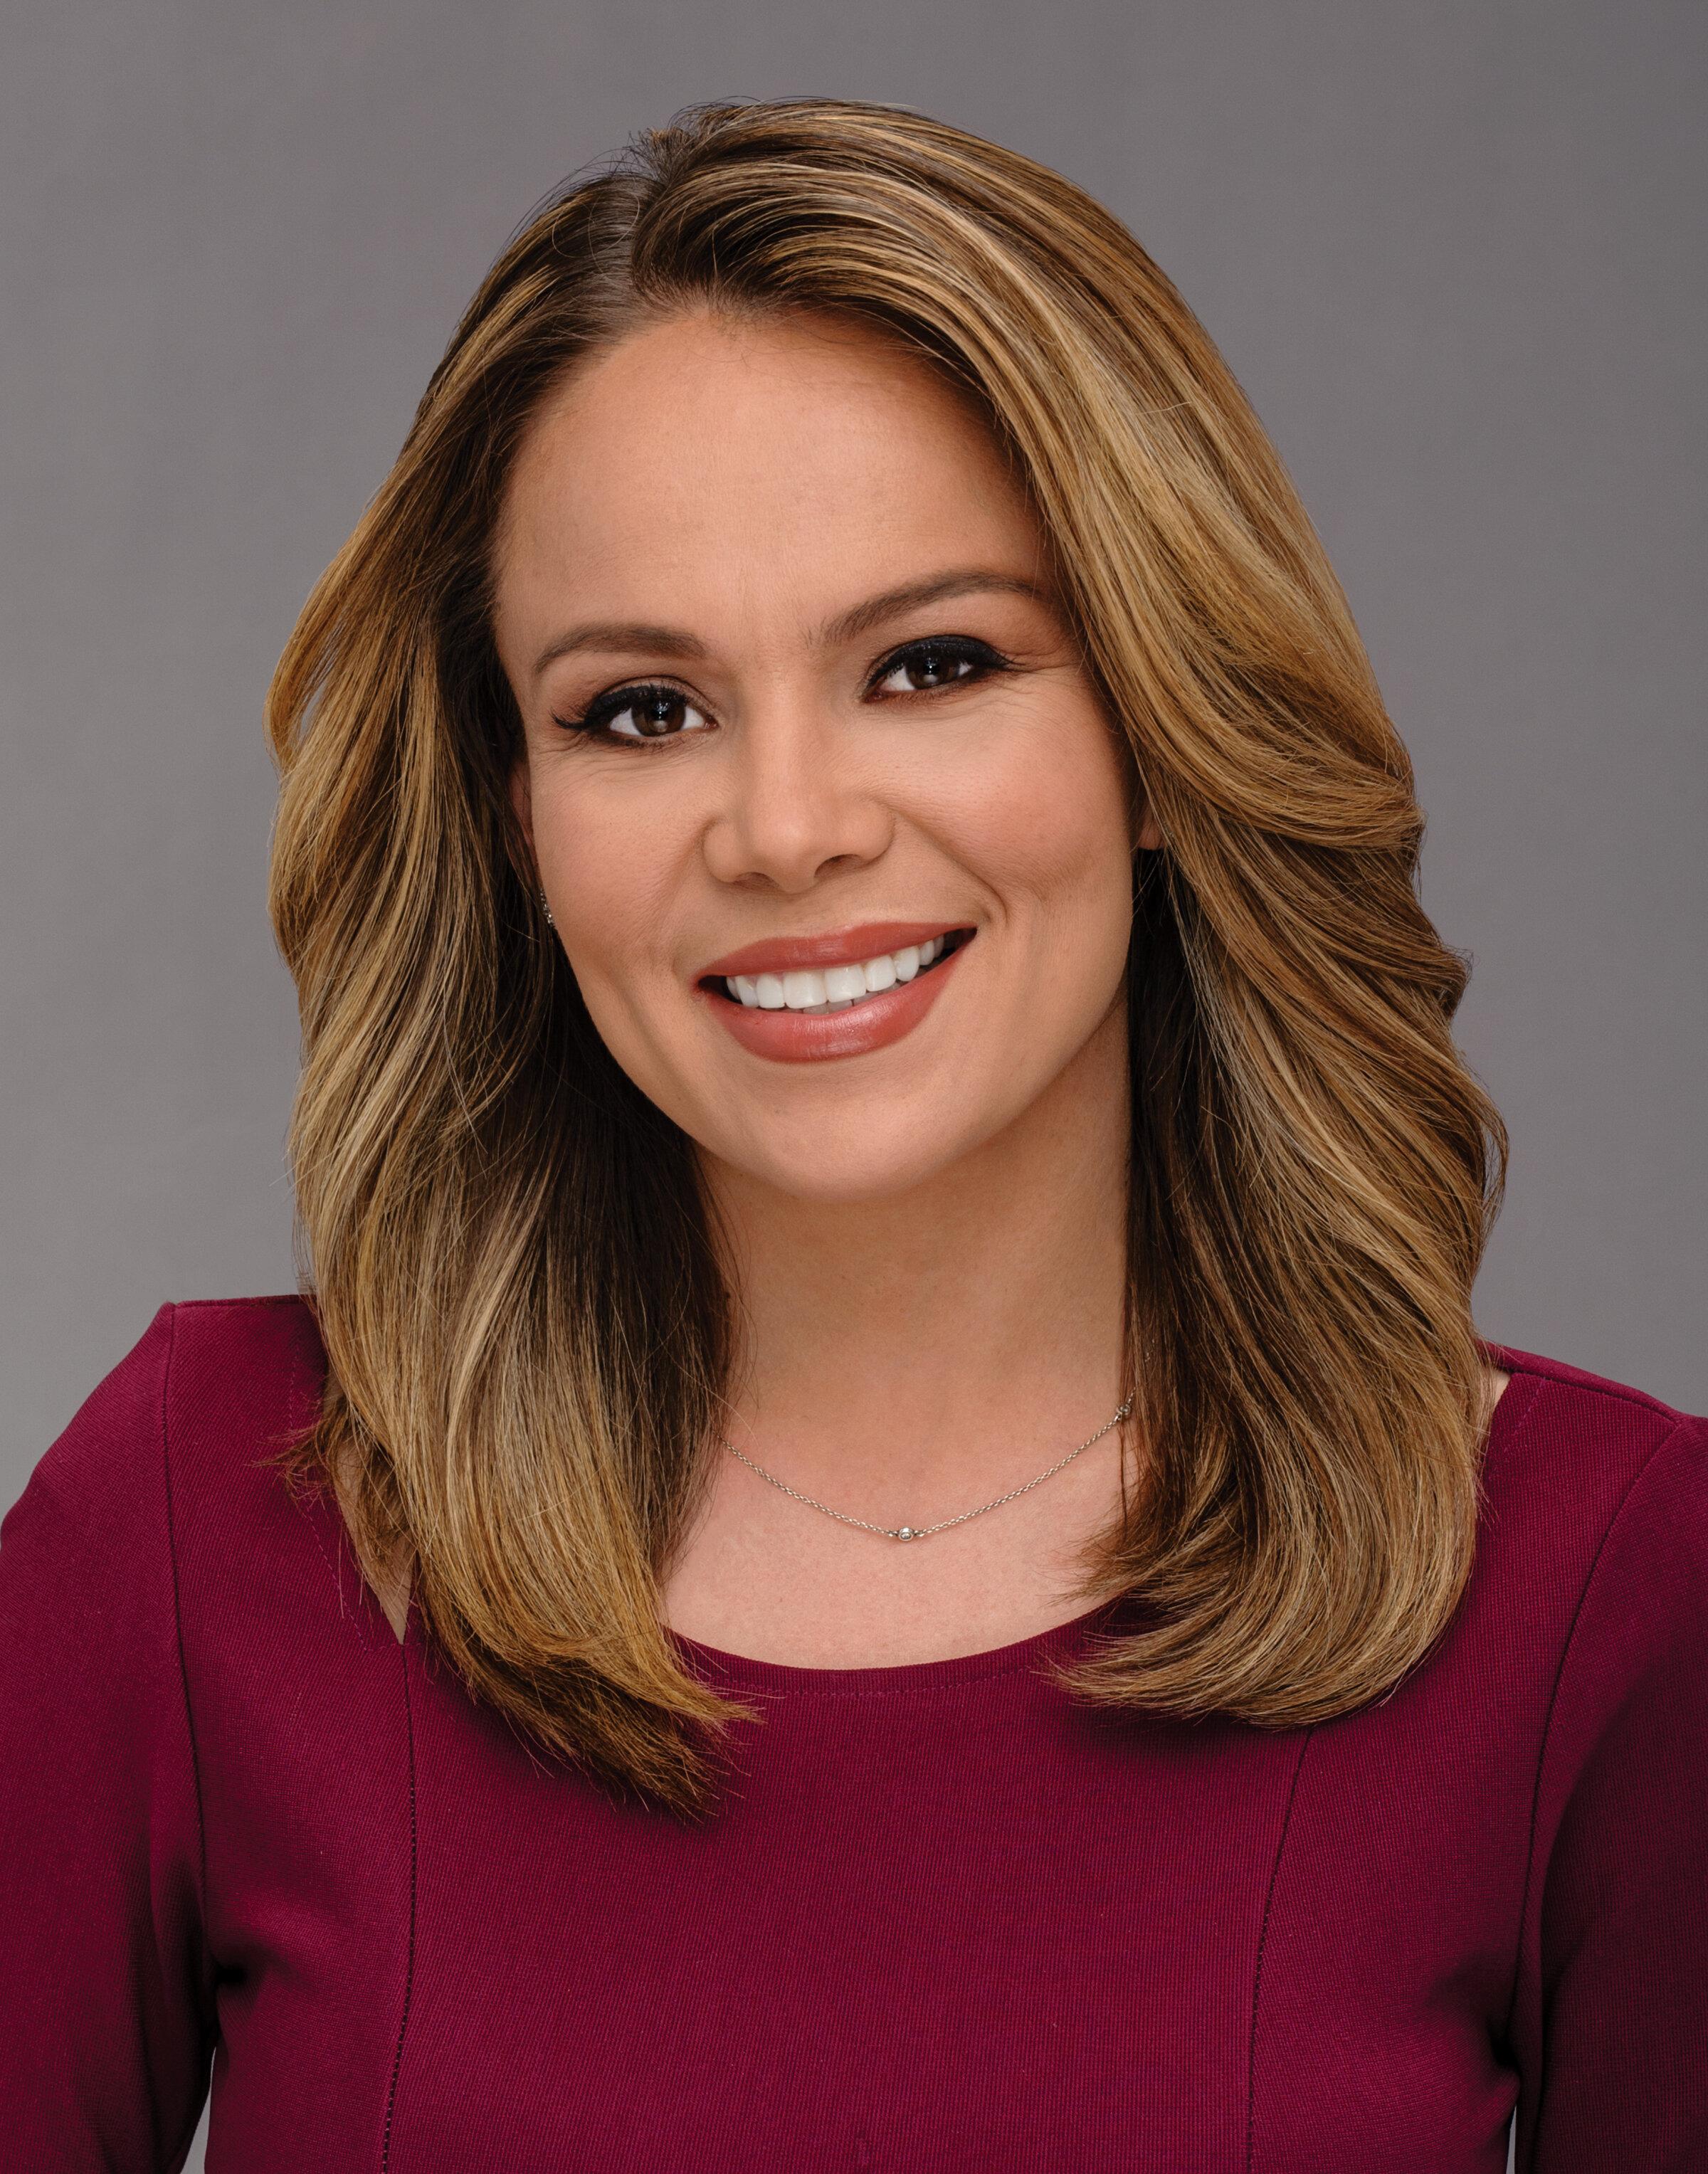 Hilda Gutierrez from Telemundo Chicago